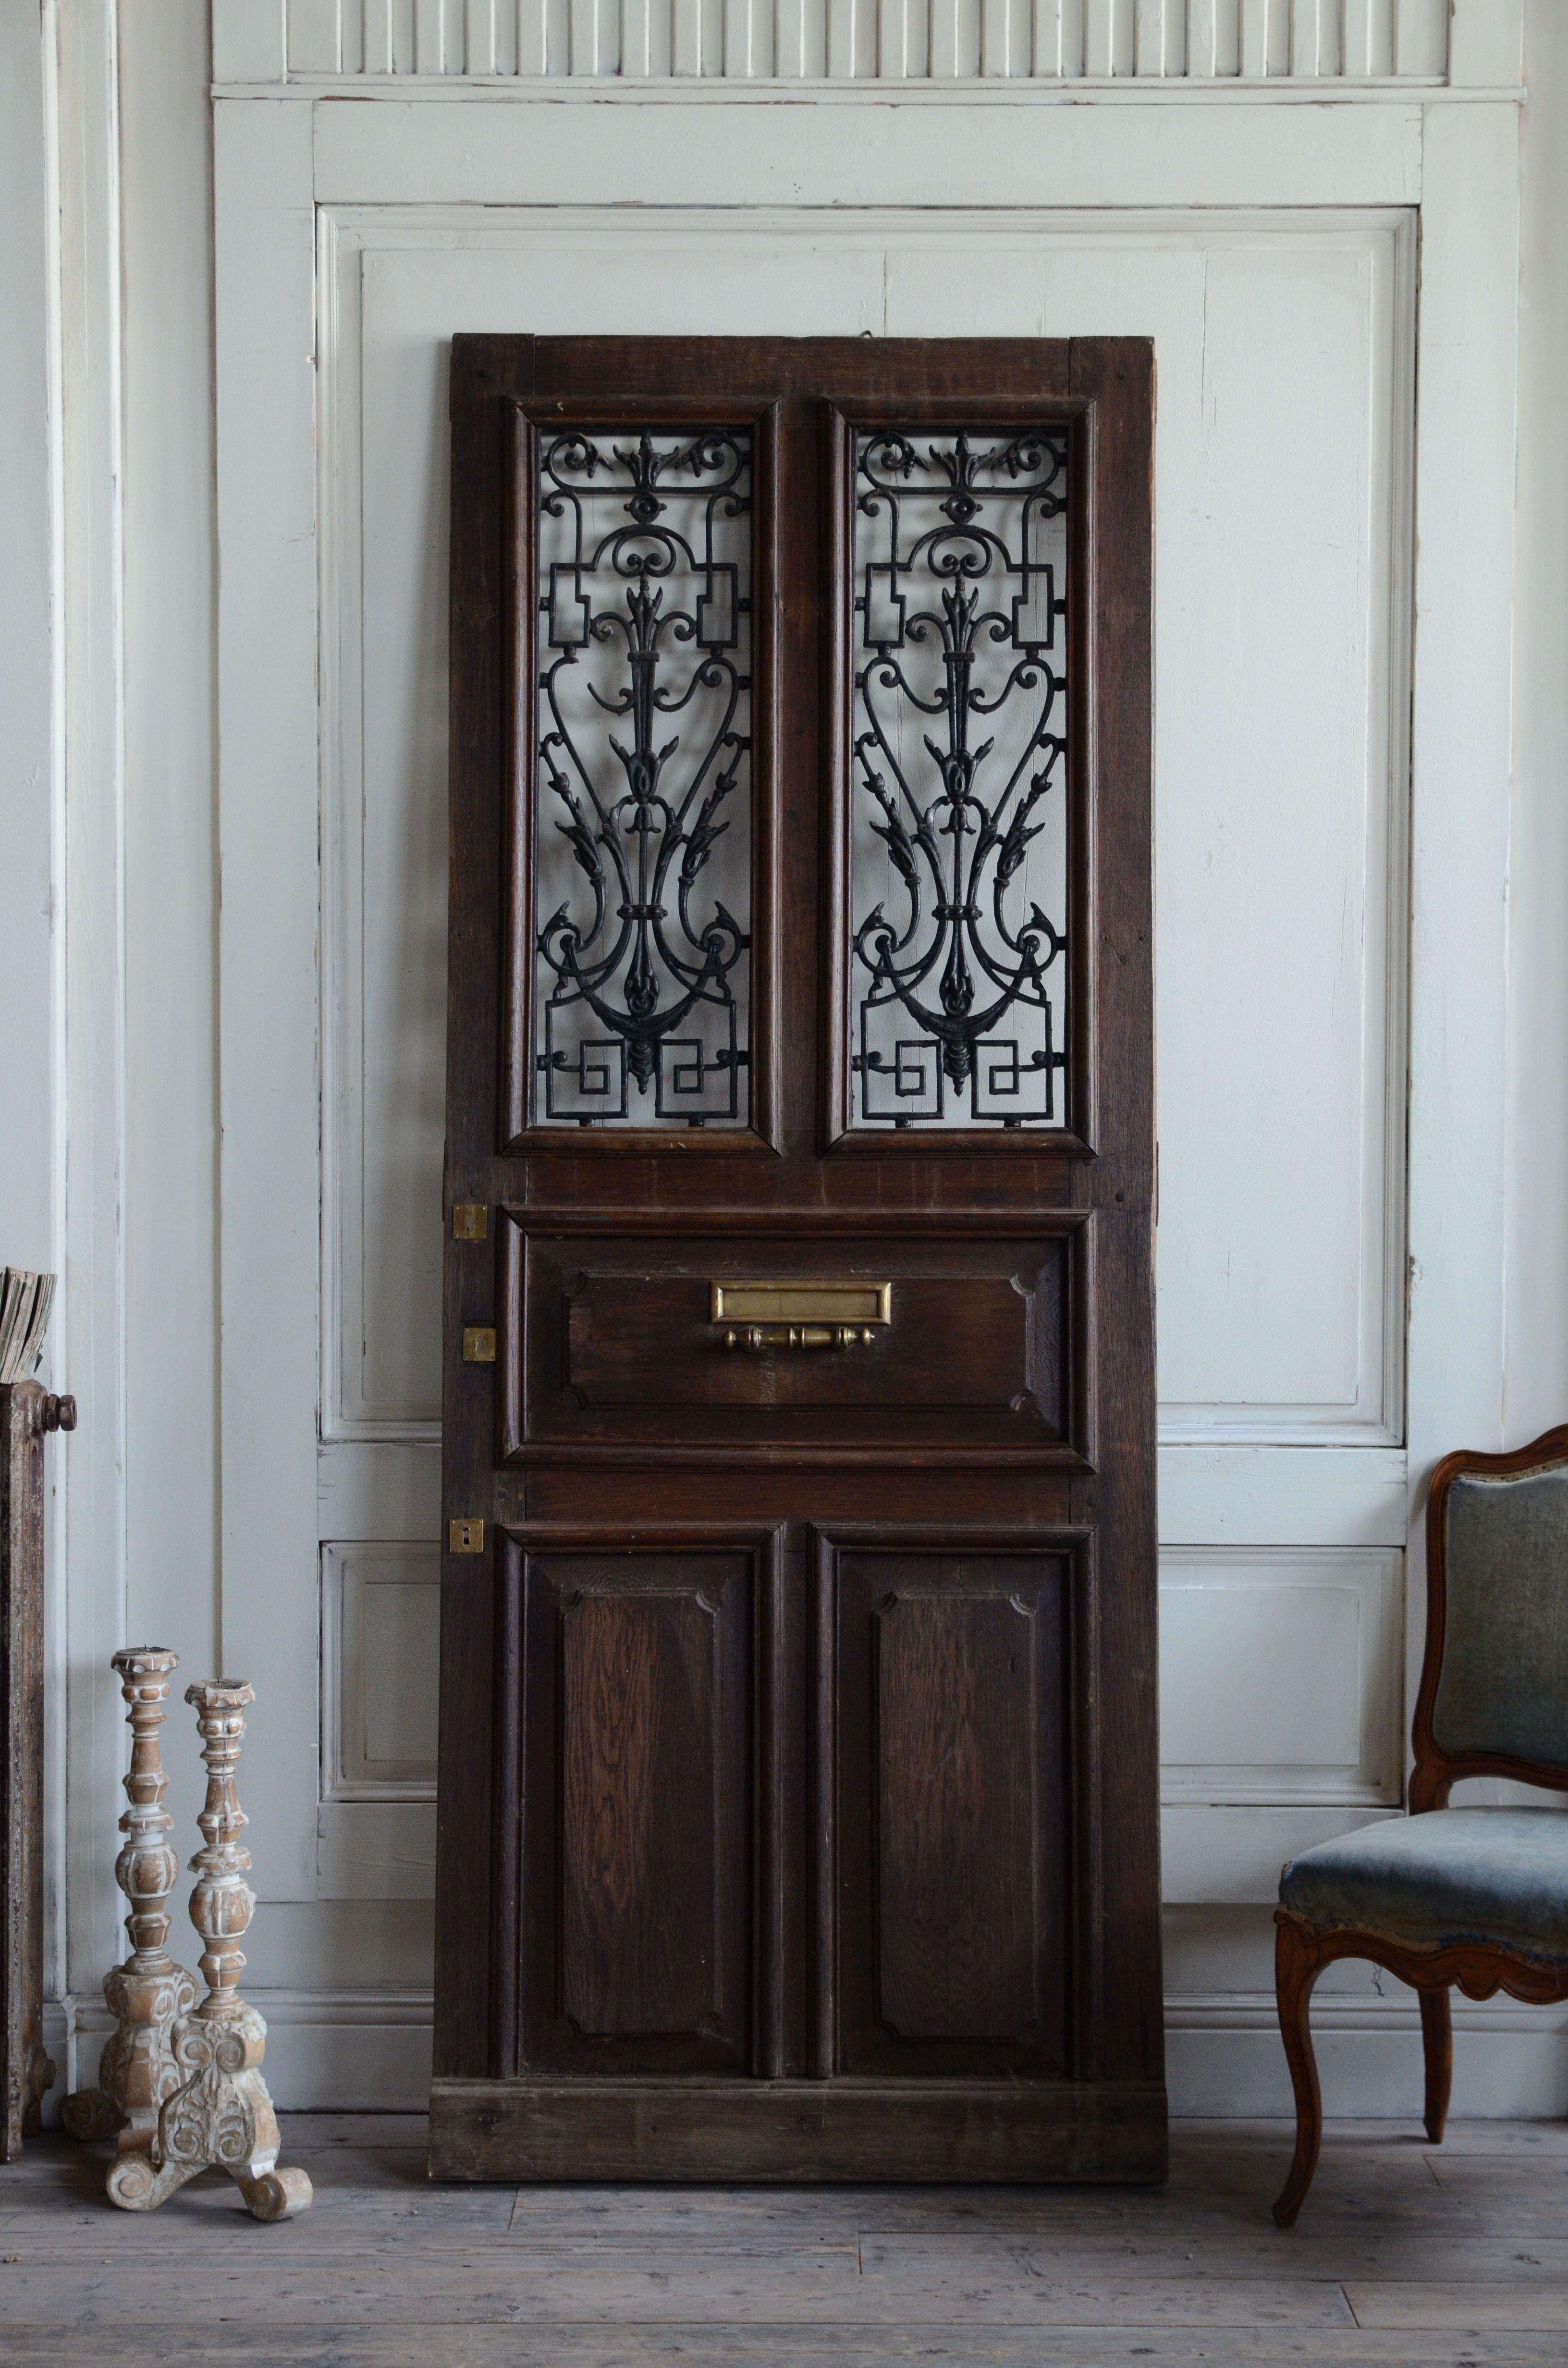 アンティーク ドア 店舗什器 建具 リノベーション フレンチインテリア 家づくり 暮らしのアイディア Antique Door Home Decor Renovation Shop アンティーク ドア インテリア